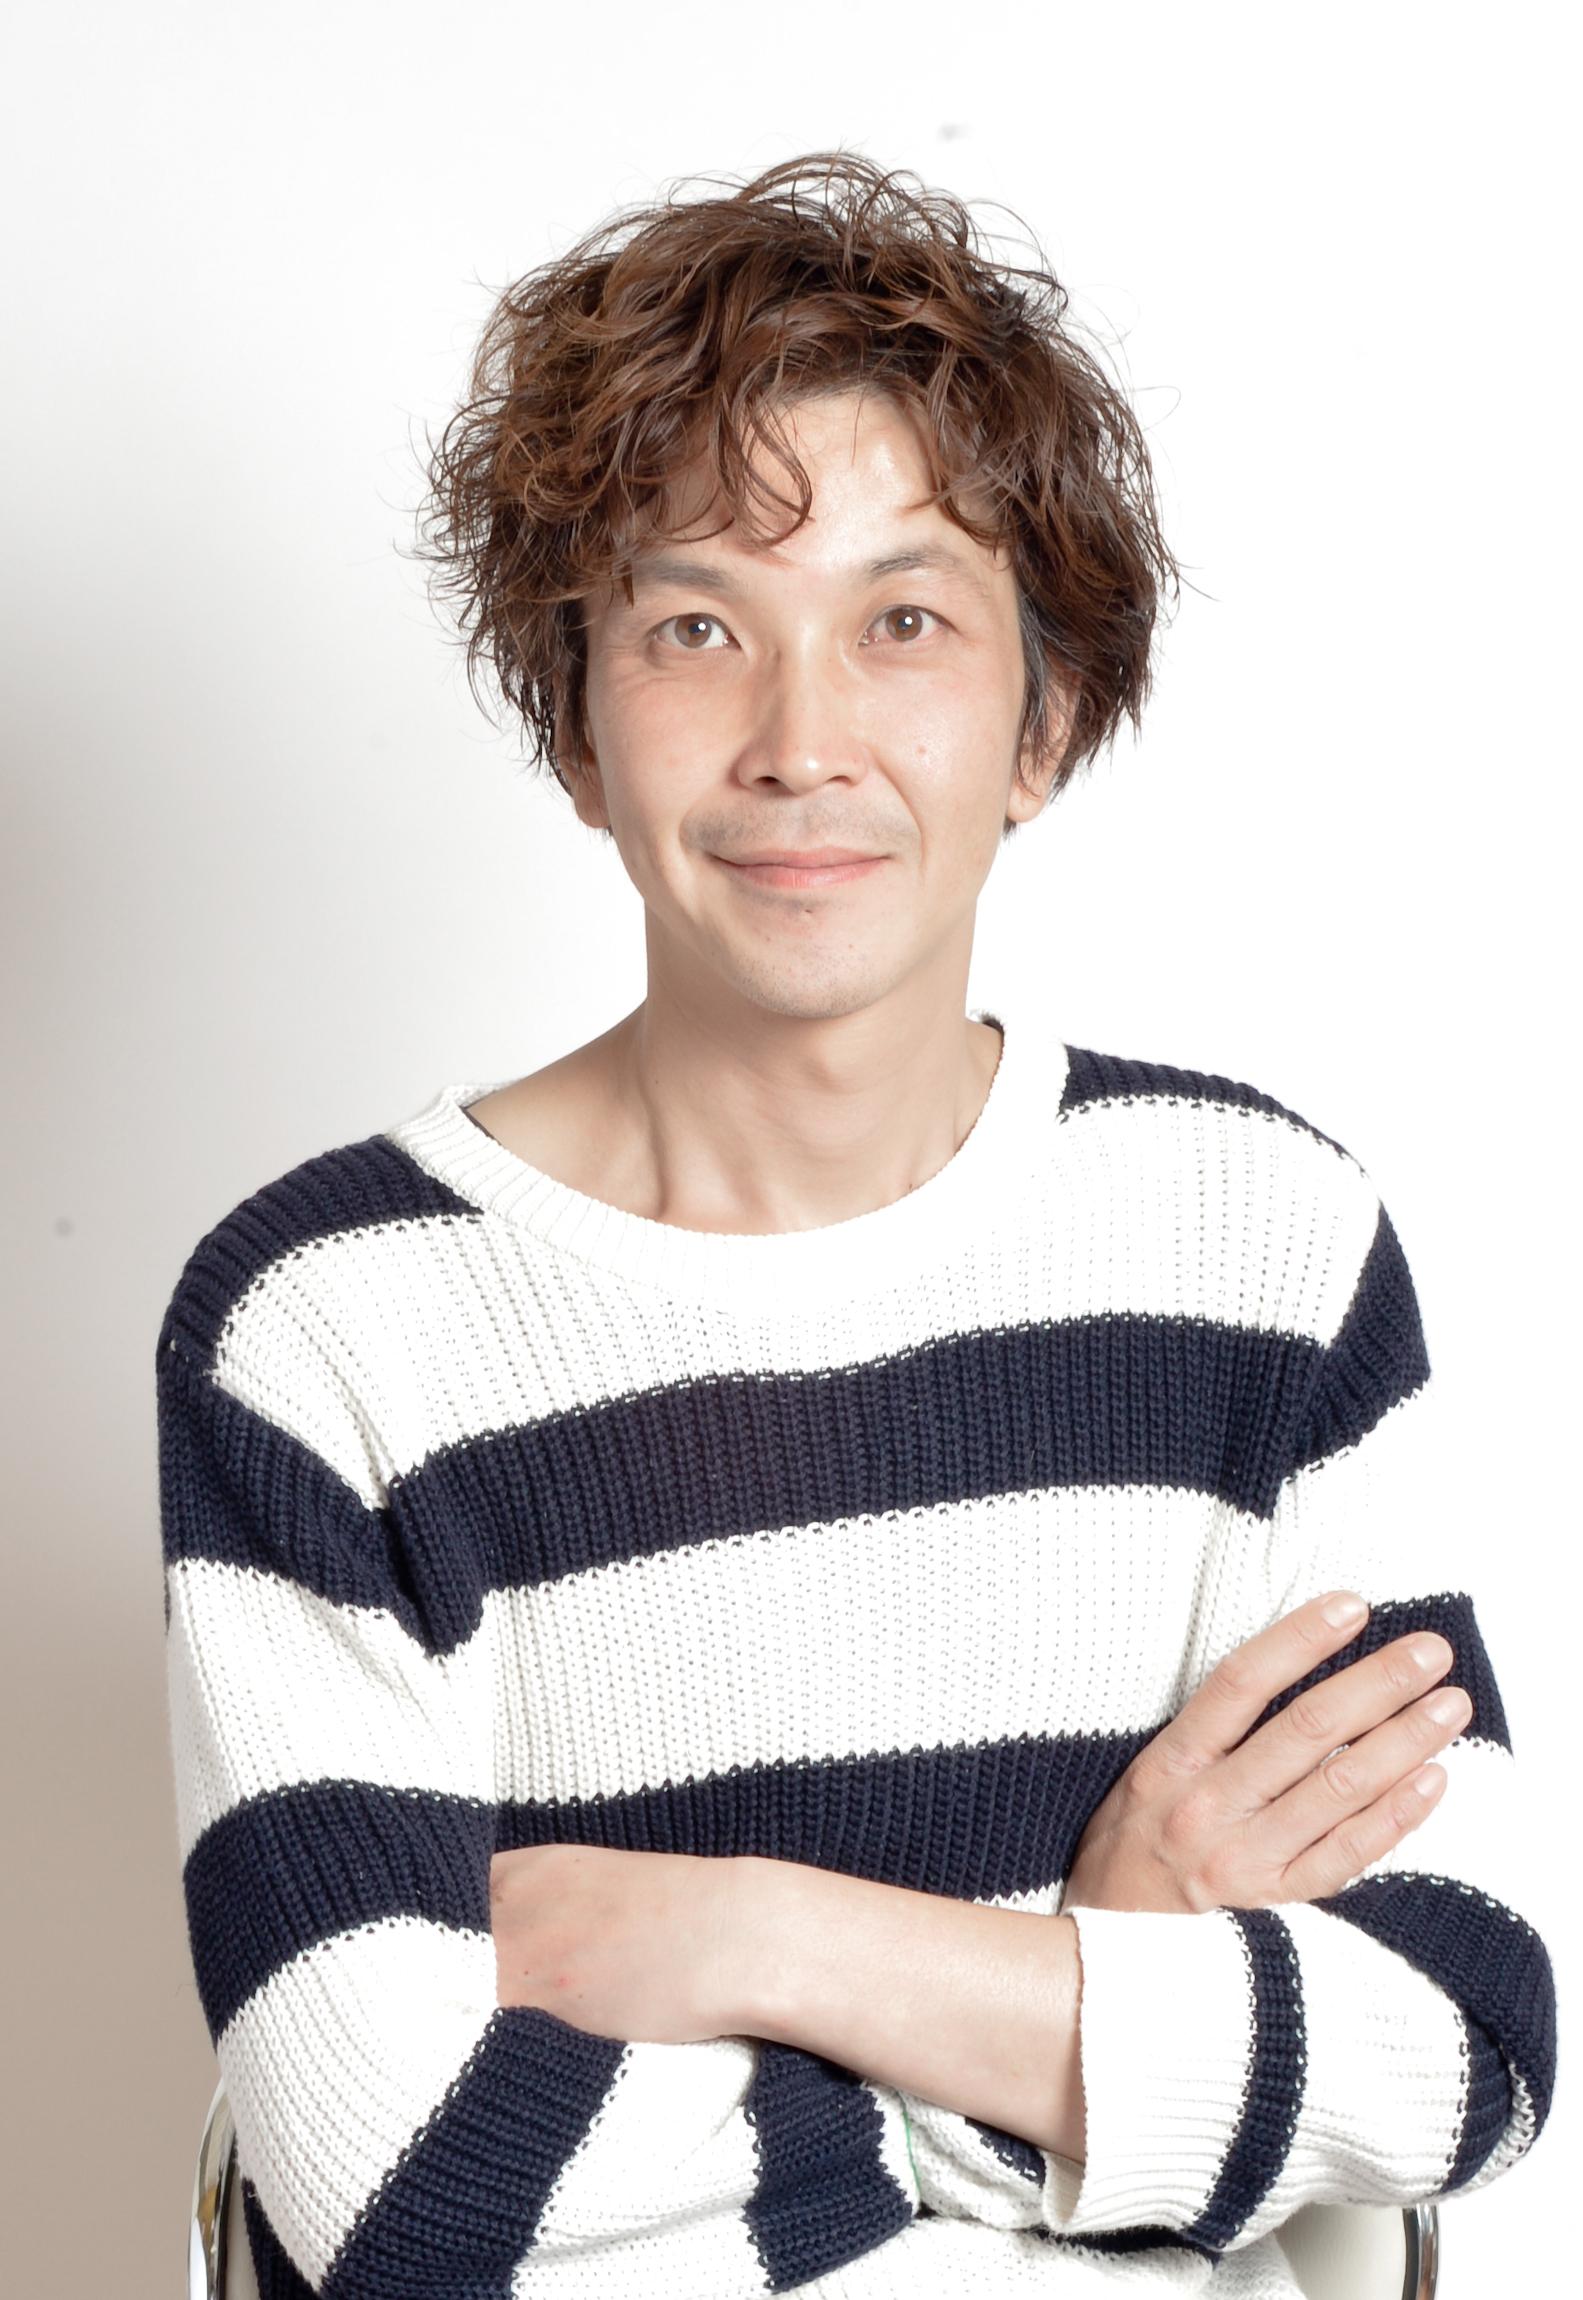 YOSHIMASA SHIMIZU